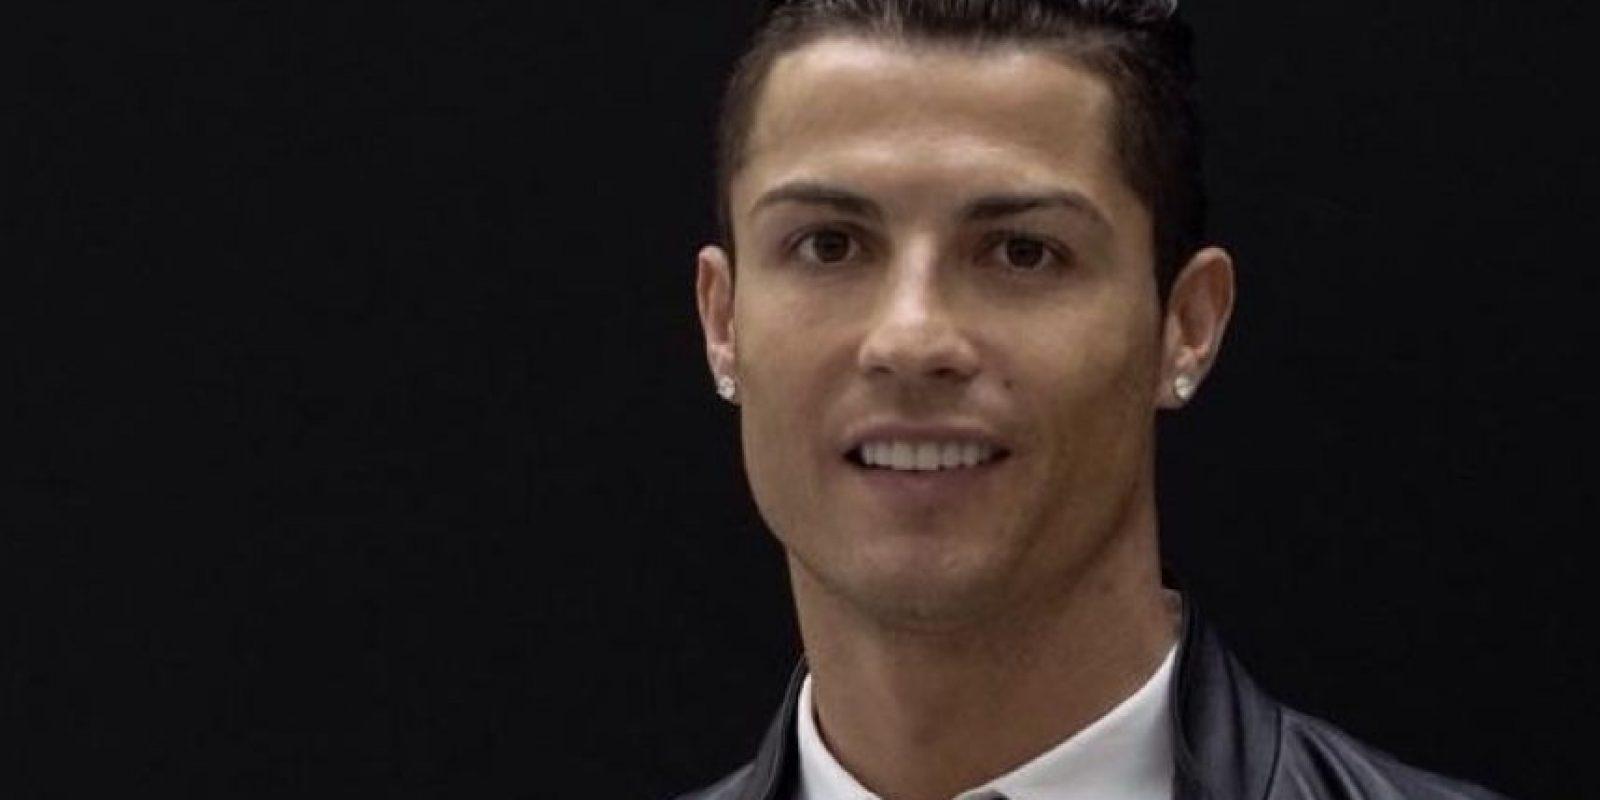 Después del Mundial, hemos visto la mejor versión de Cristiano Ronaldo. Foto:twitter.com/Cristiano